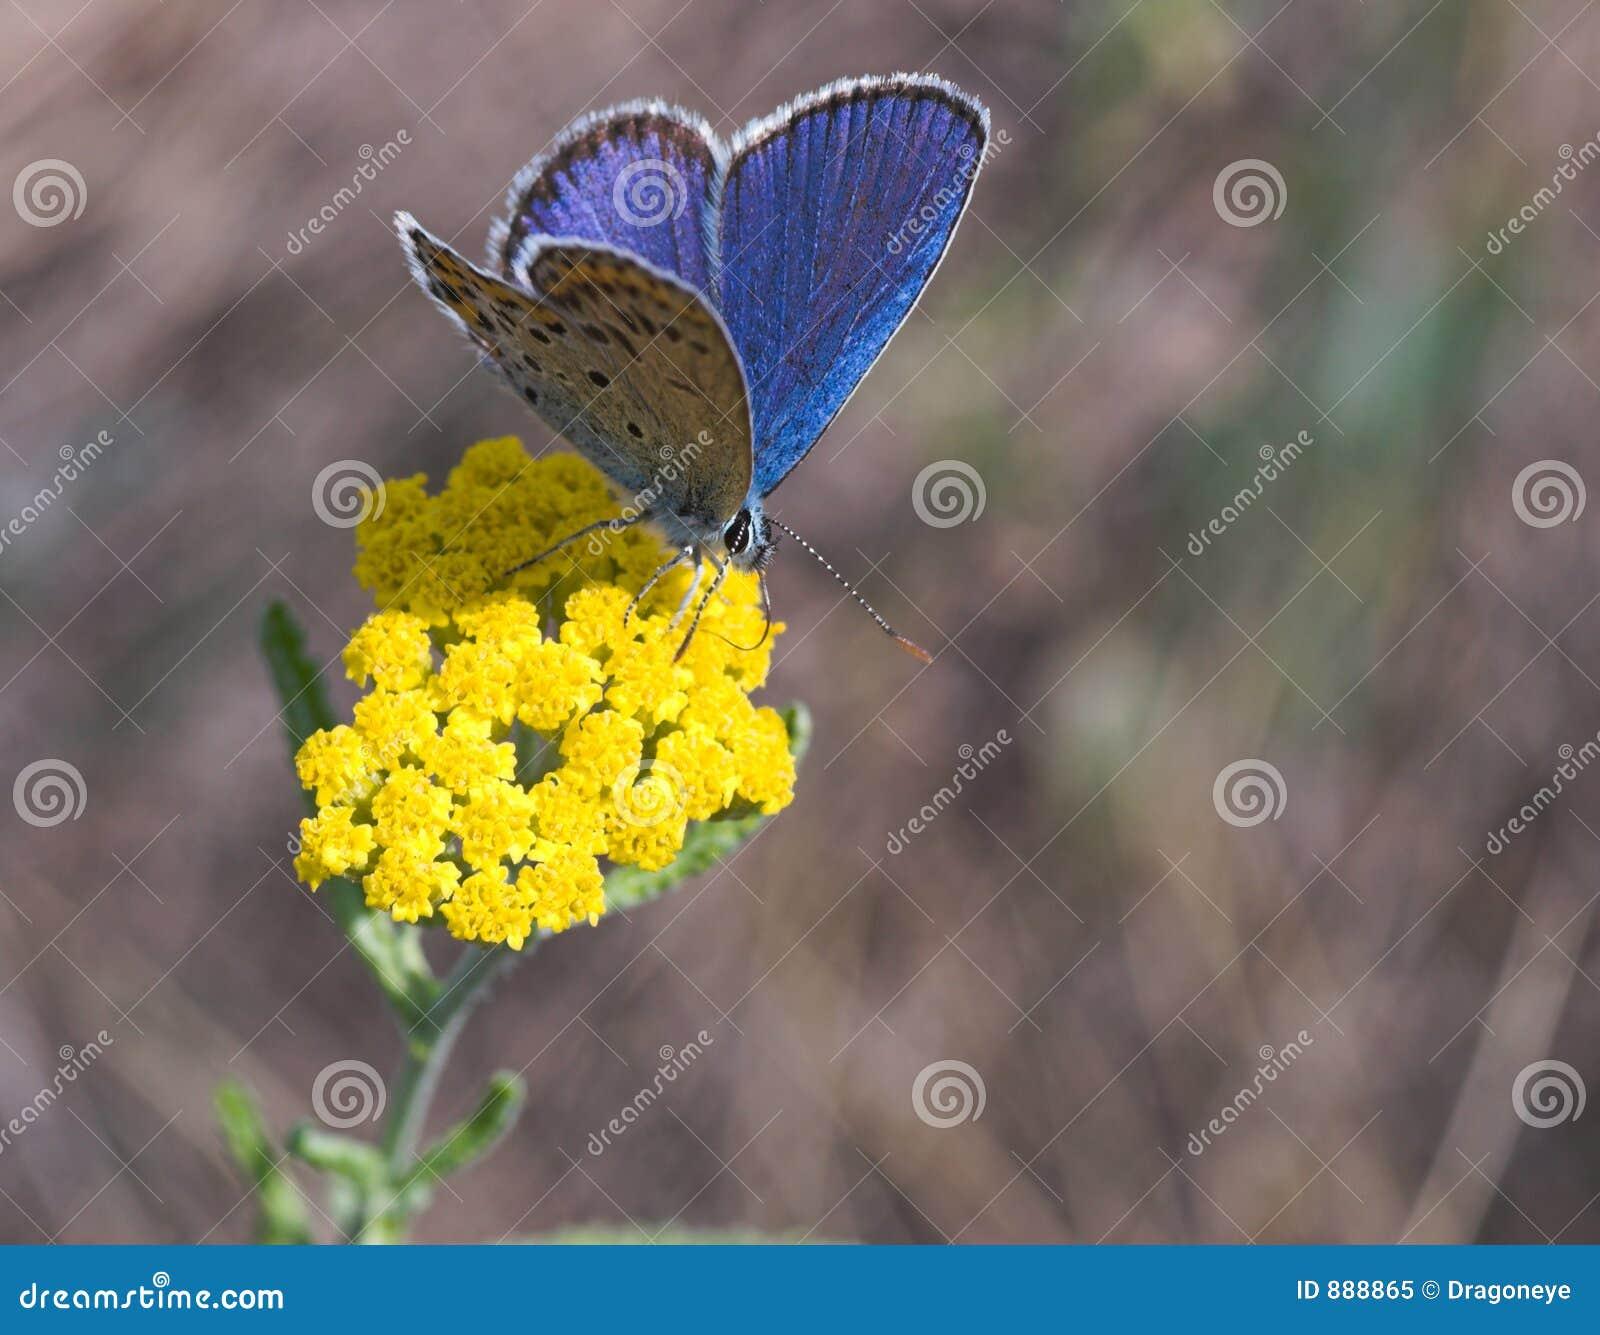 Foto de archivo libre de regalías: Mariposa azul en la flor amarilla